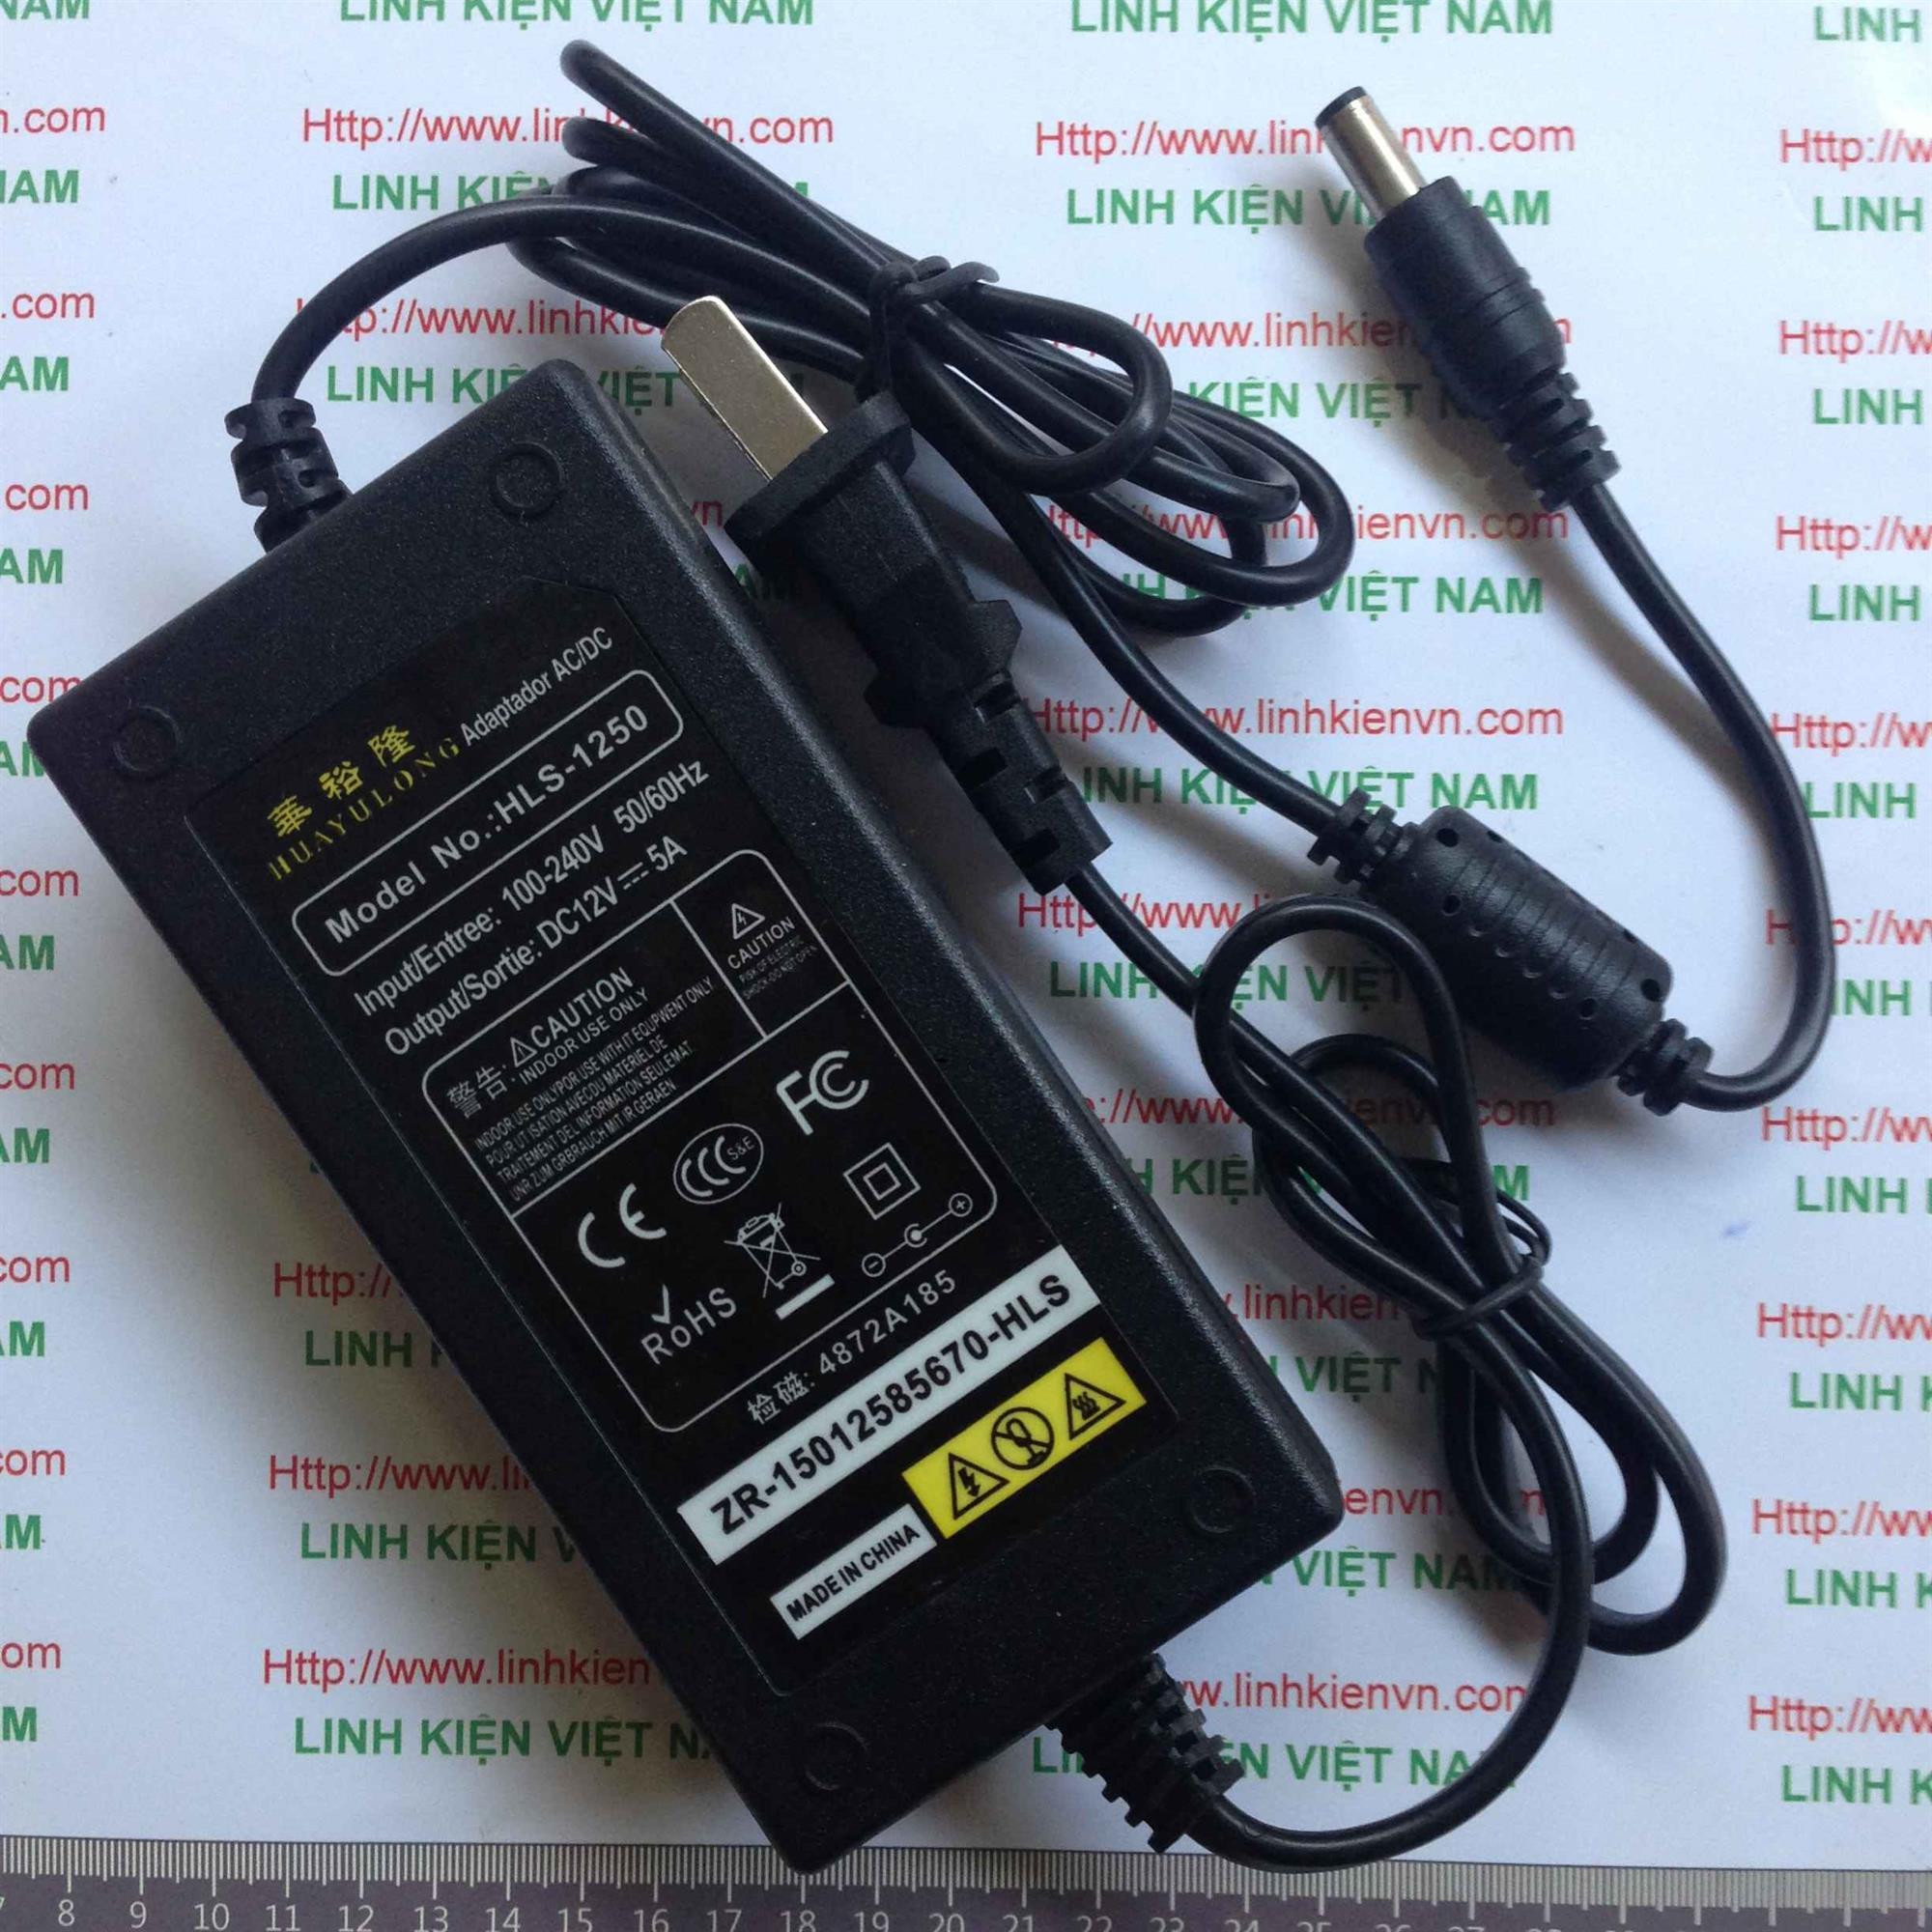 Nguồn adapter 12v 5A - KHO B(KA8H3)